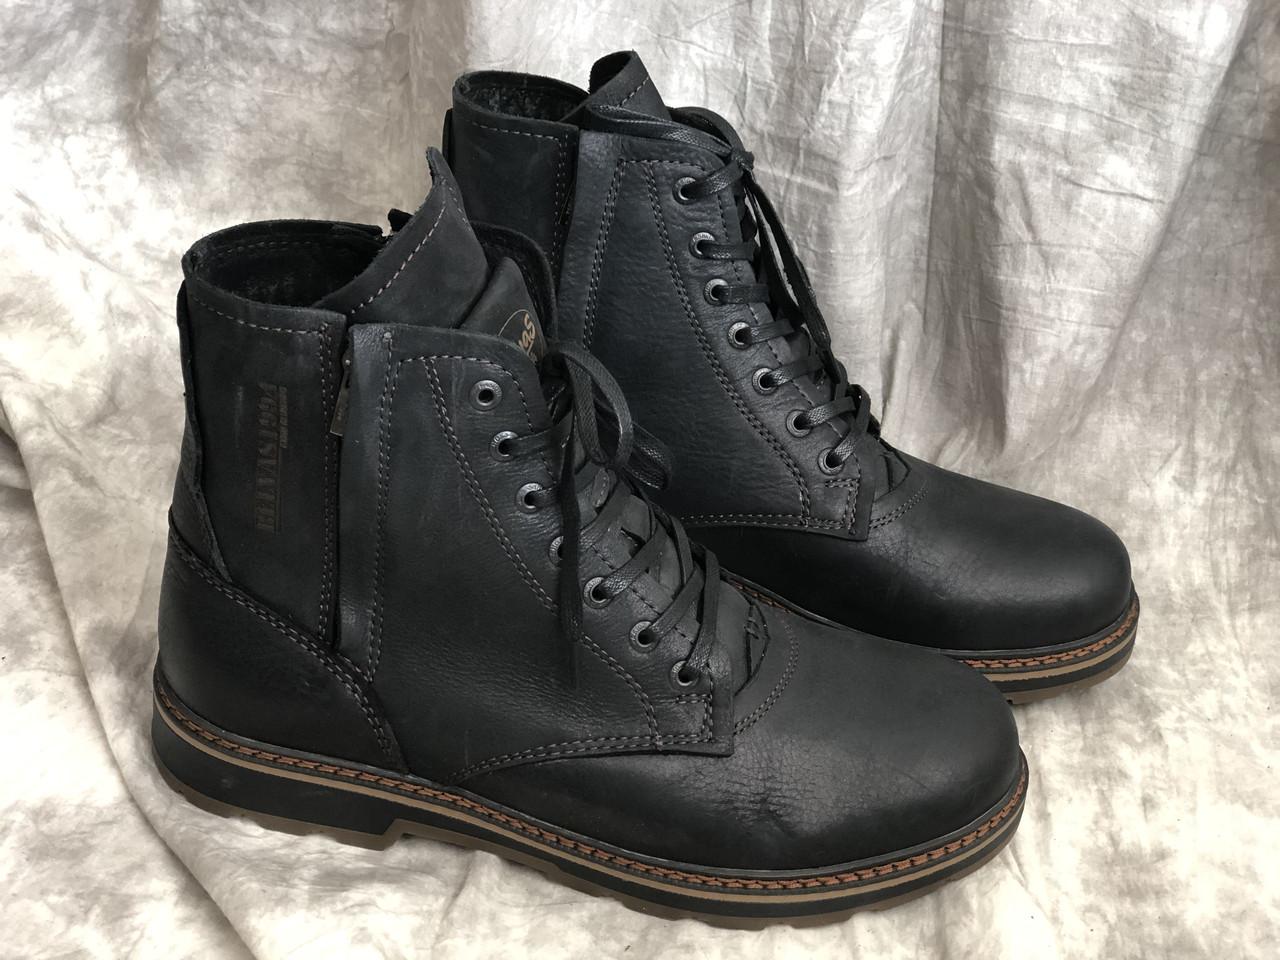 Кожаные мужские ботинки 5507 размеры 41,42,43